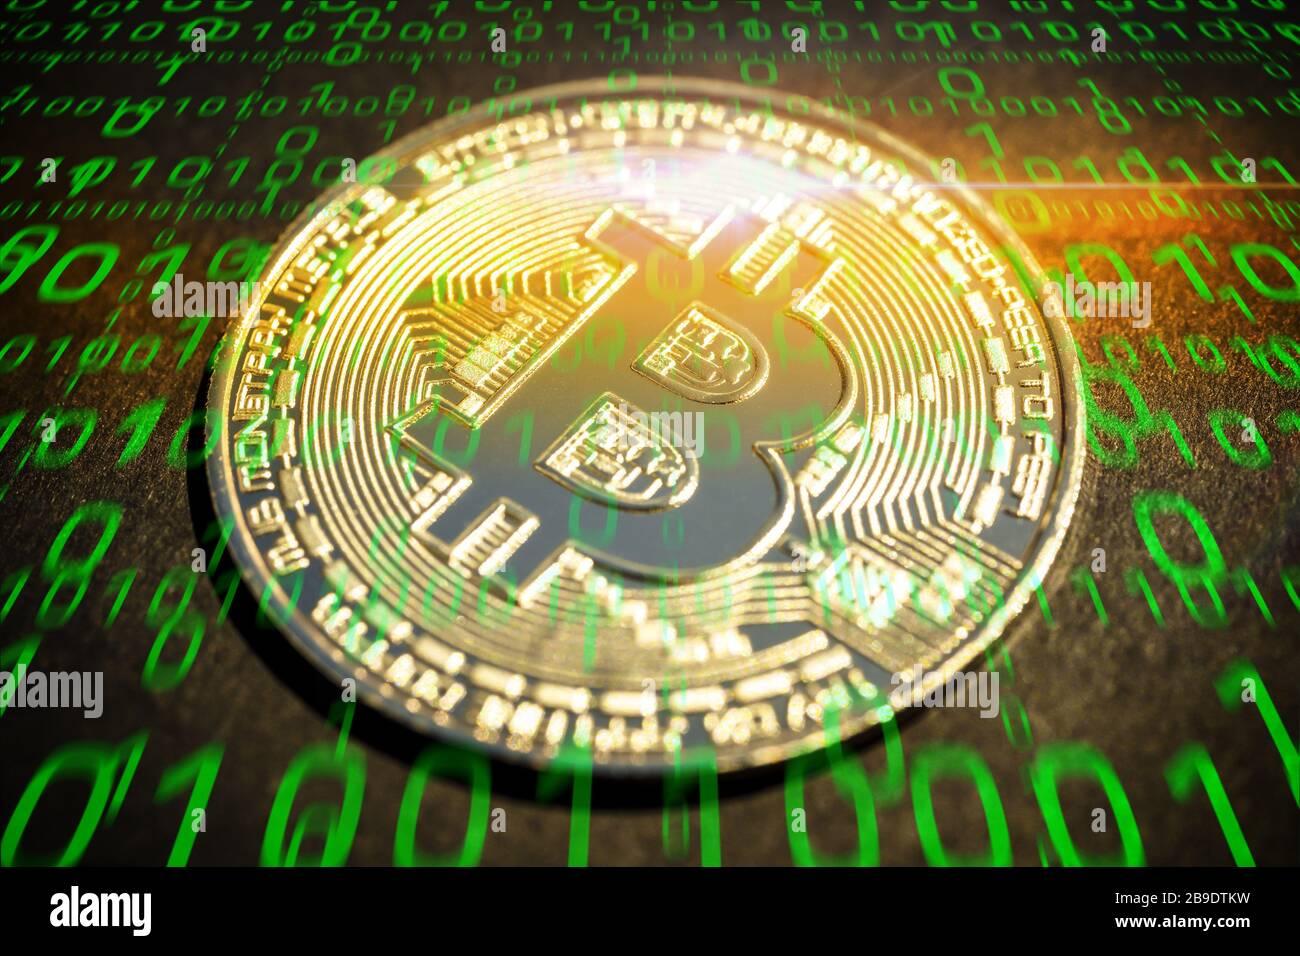 PHOTOMONTAGE, coin with Bitcoin sign and binary code, FOTOMONTAGE, Münze mit Bitcoin-Zeichen und Binärcode Stock Photo